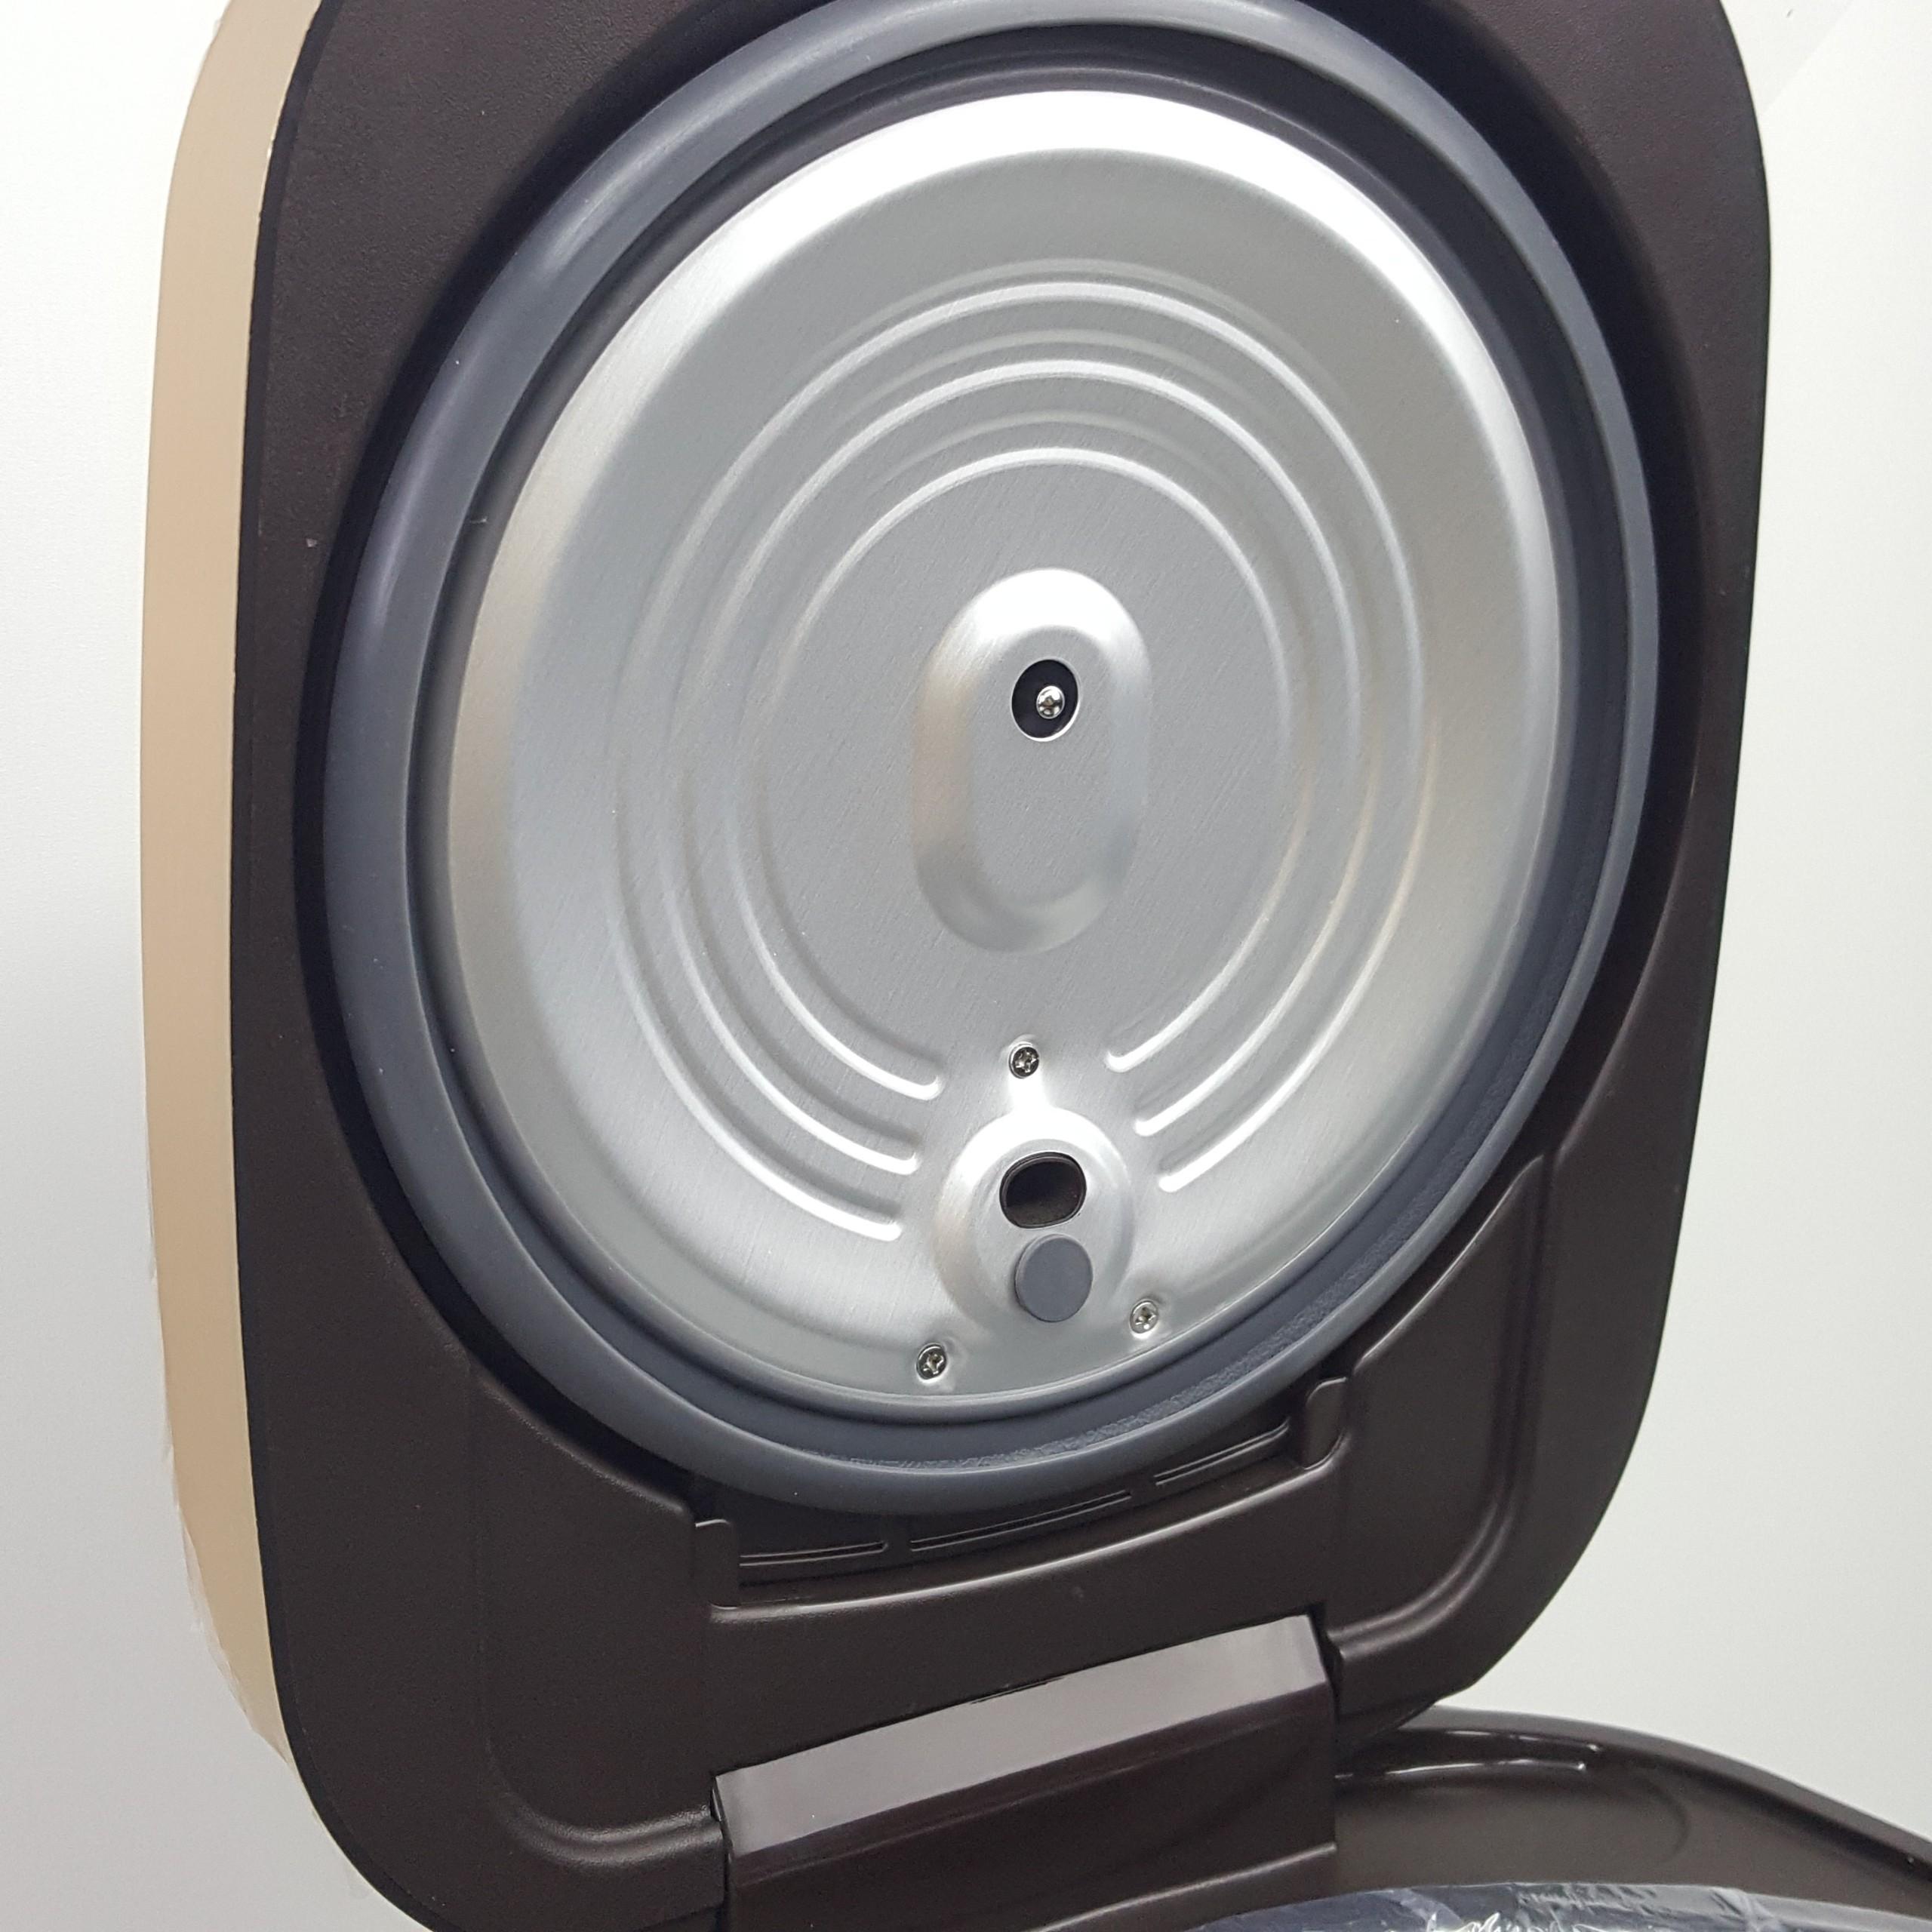 Nồi cơm điện MAtika 1,8L 860W nắp gài màu nâu đen MTK - RC1886 - HÀNG CHÍNH HÃNG